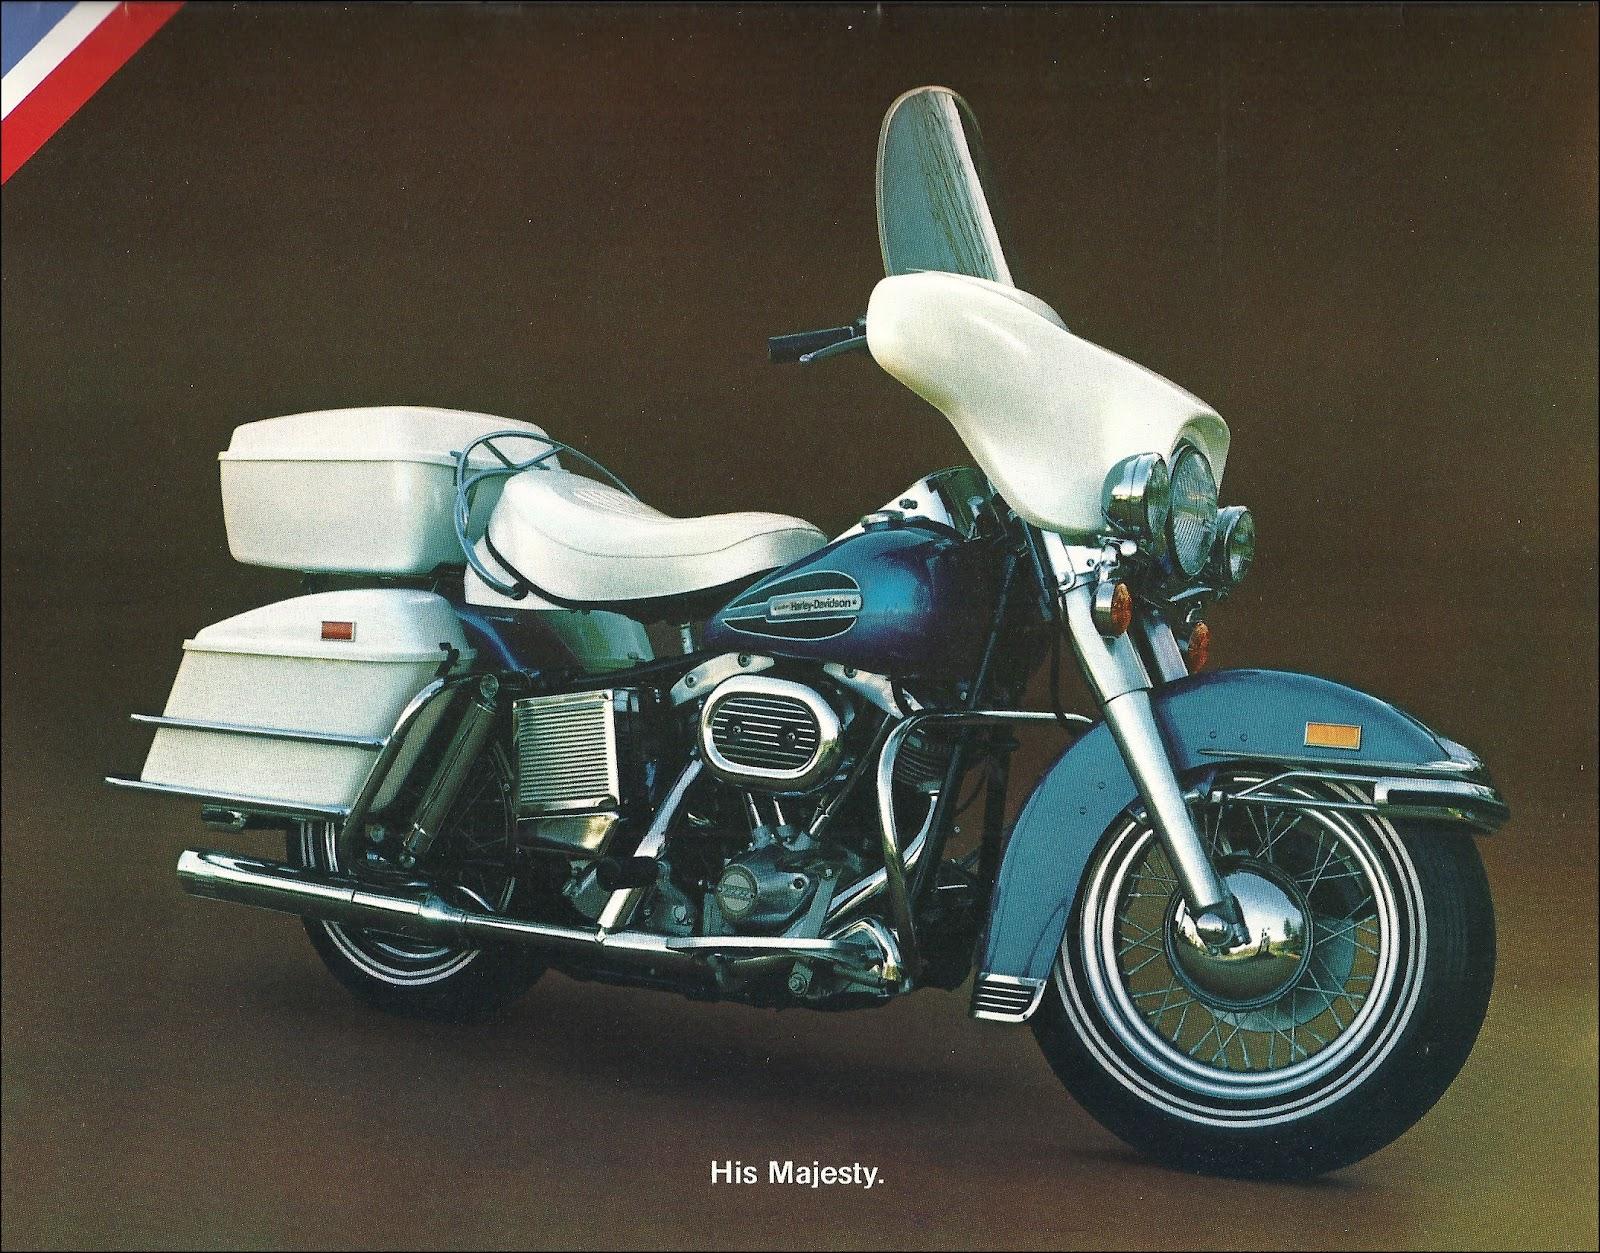 Modelo FLH Electra-Glide de 1972